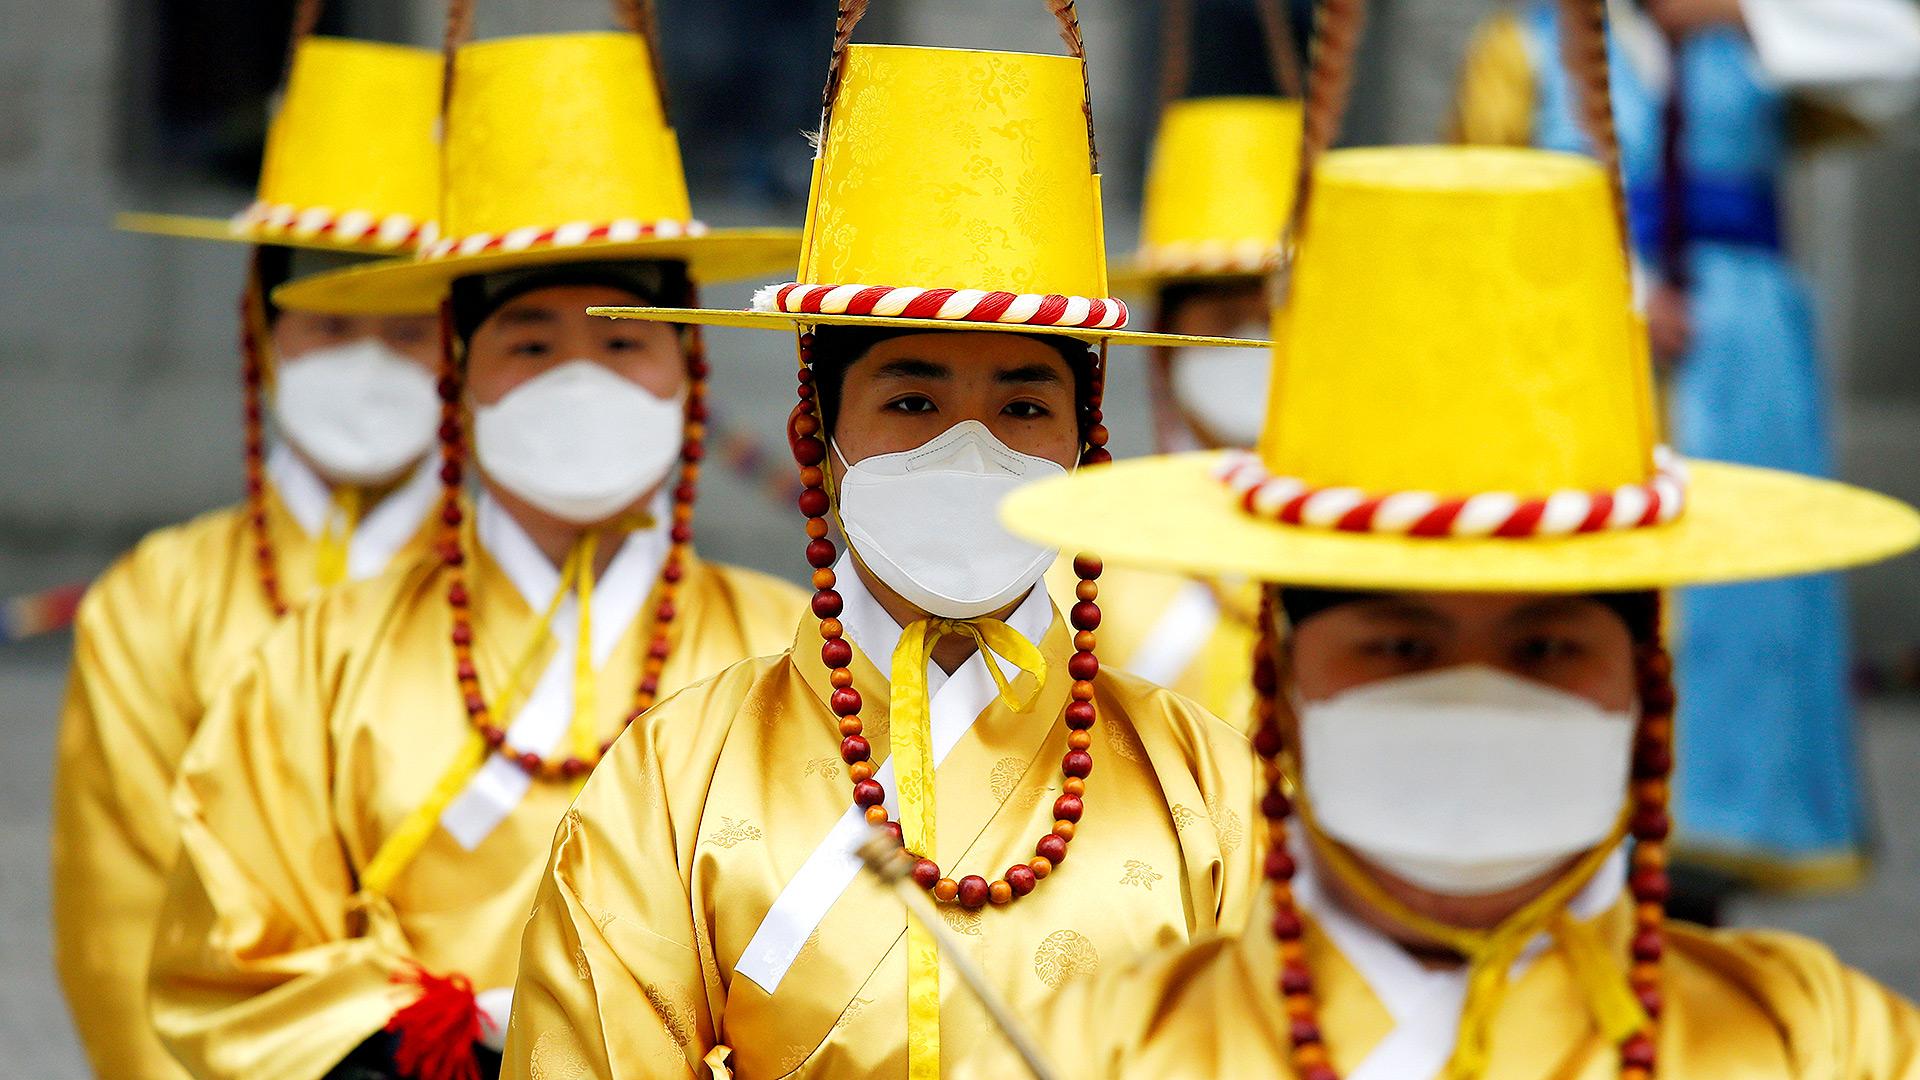 Trabajadores en trajes tradicionales coreanos usan máscaras protectoras para evitar contraer el coronavirus durante una recreación de la Ceremonia de Cambio de la Guardia Real frente al Palacio Deoksu en Seúl, Corea del Sur (REUTERS / Heo Ran)